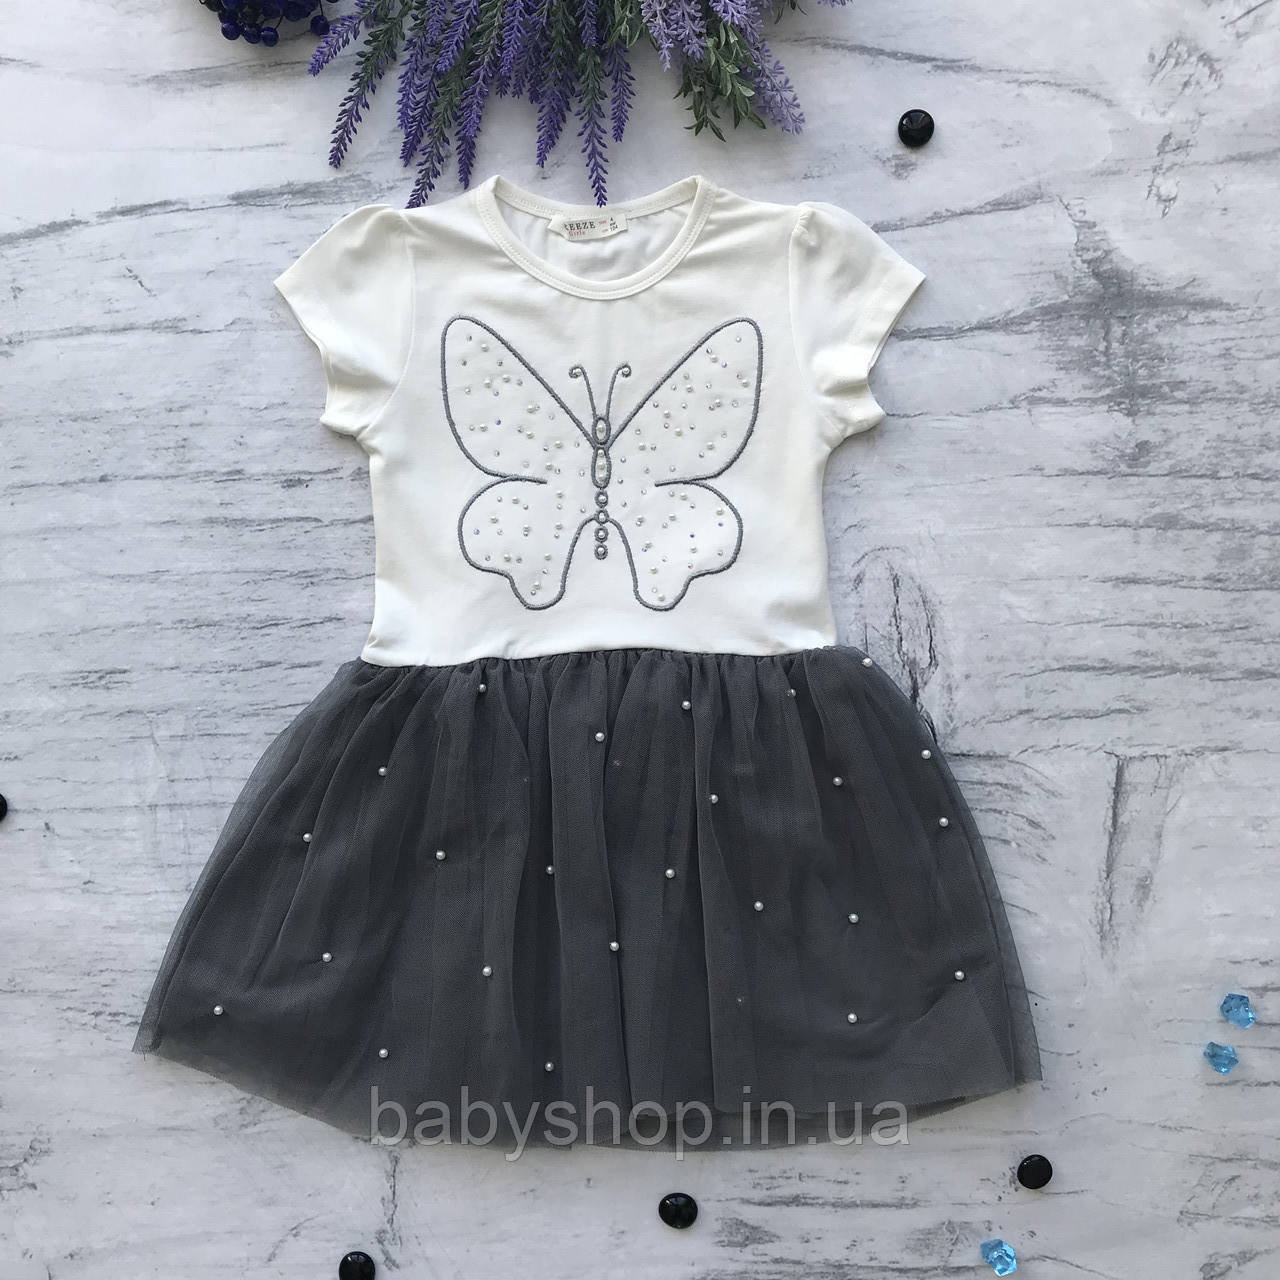 Летнее платье на девочку Breeze 115. Размеры 110 см, 128 см